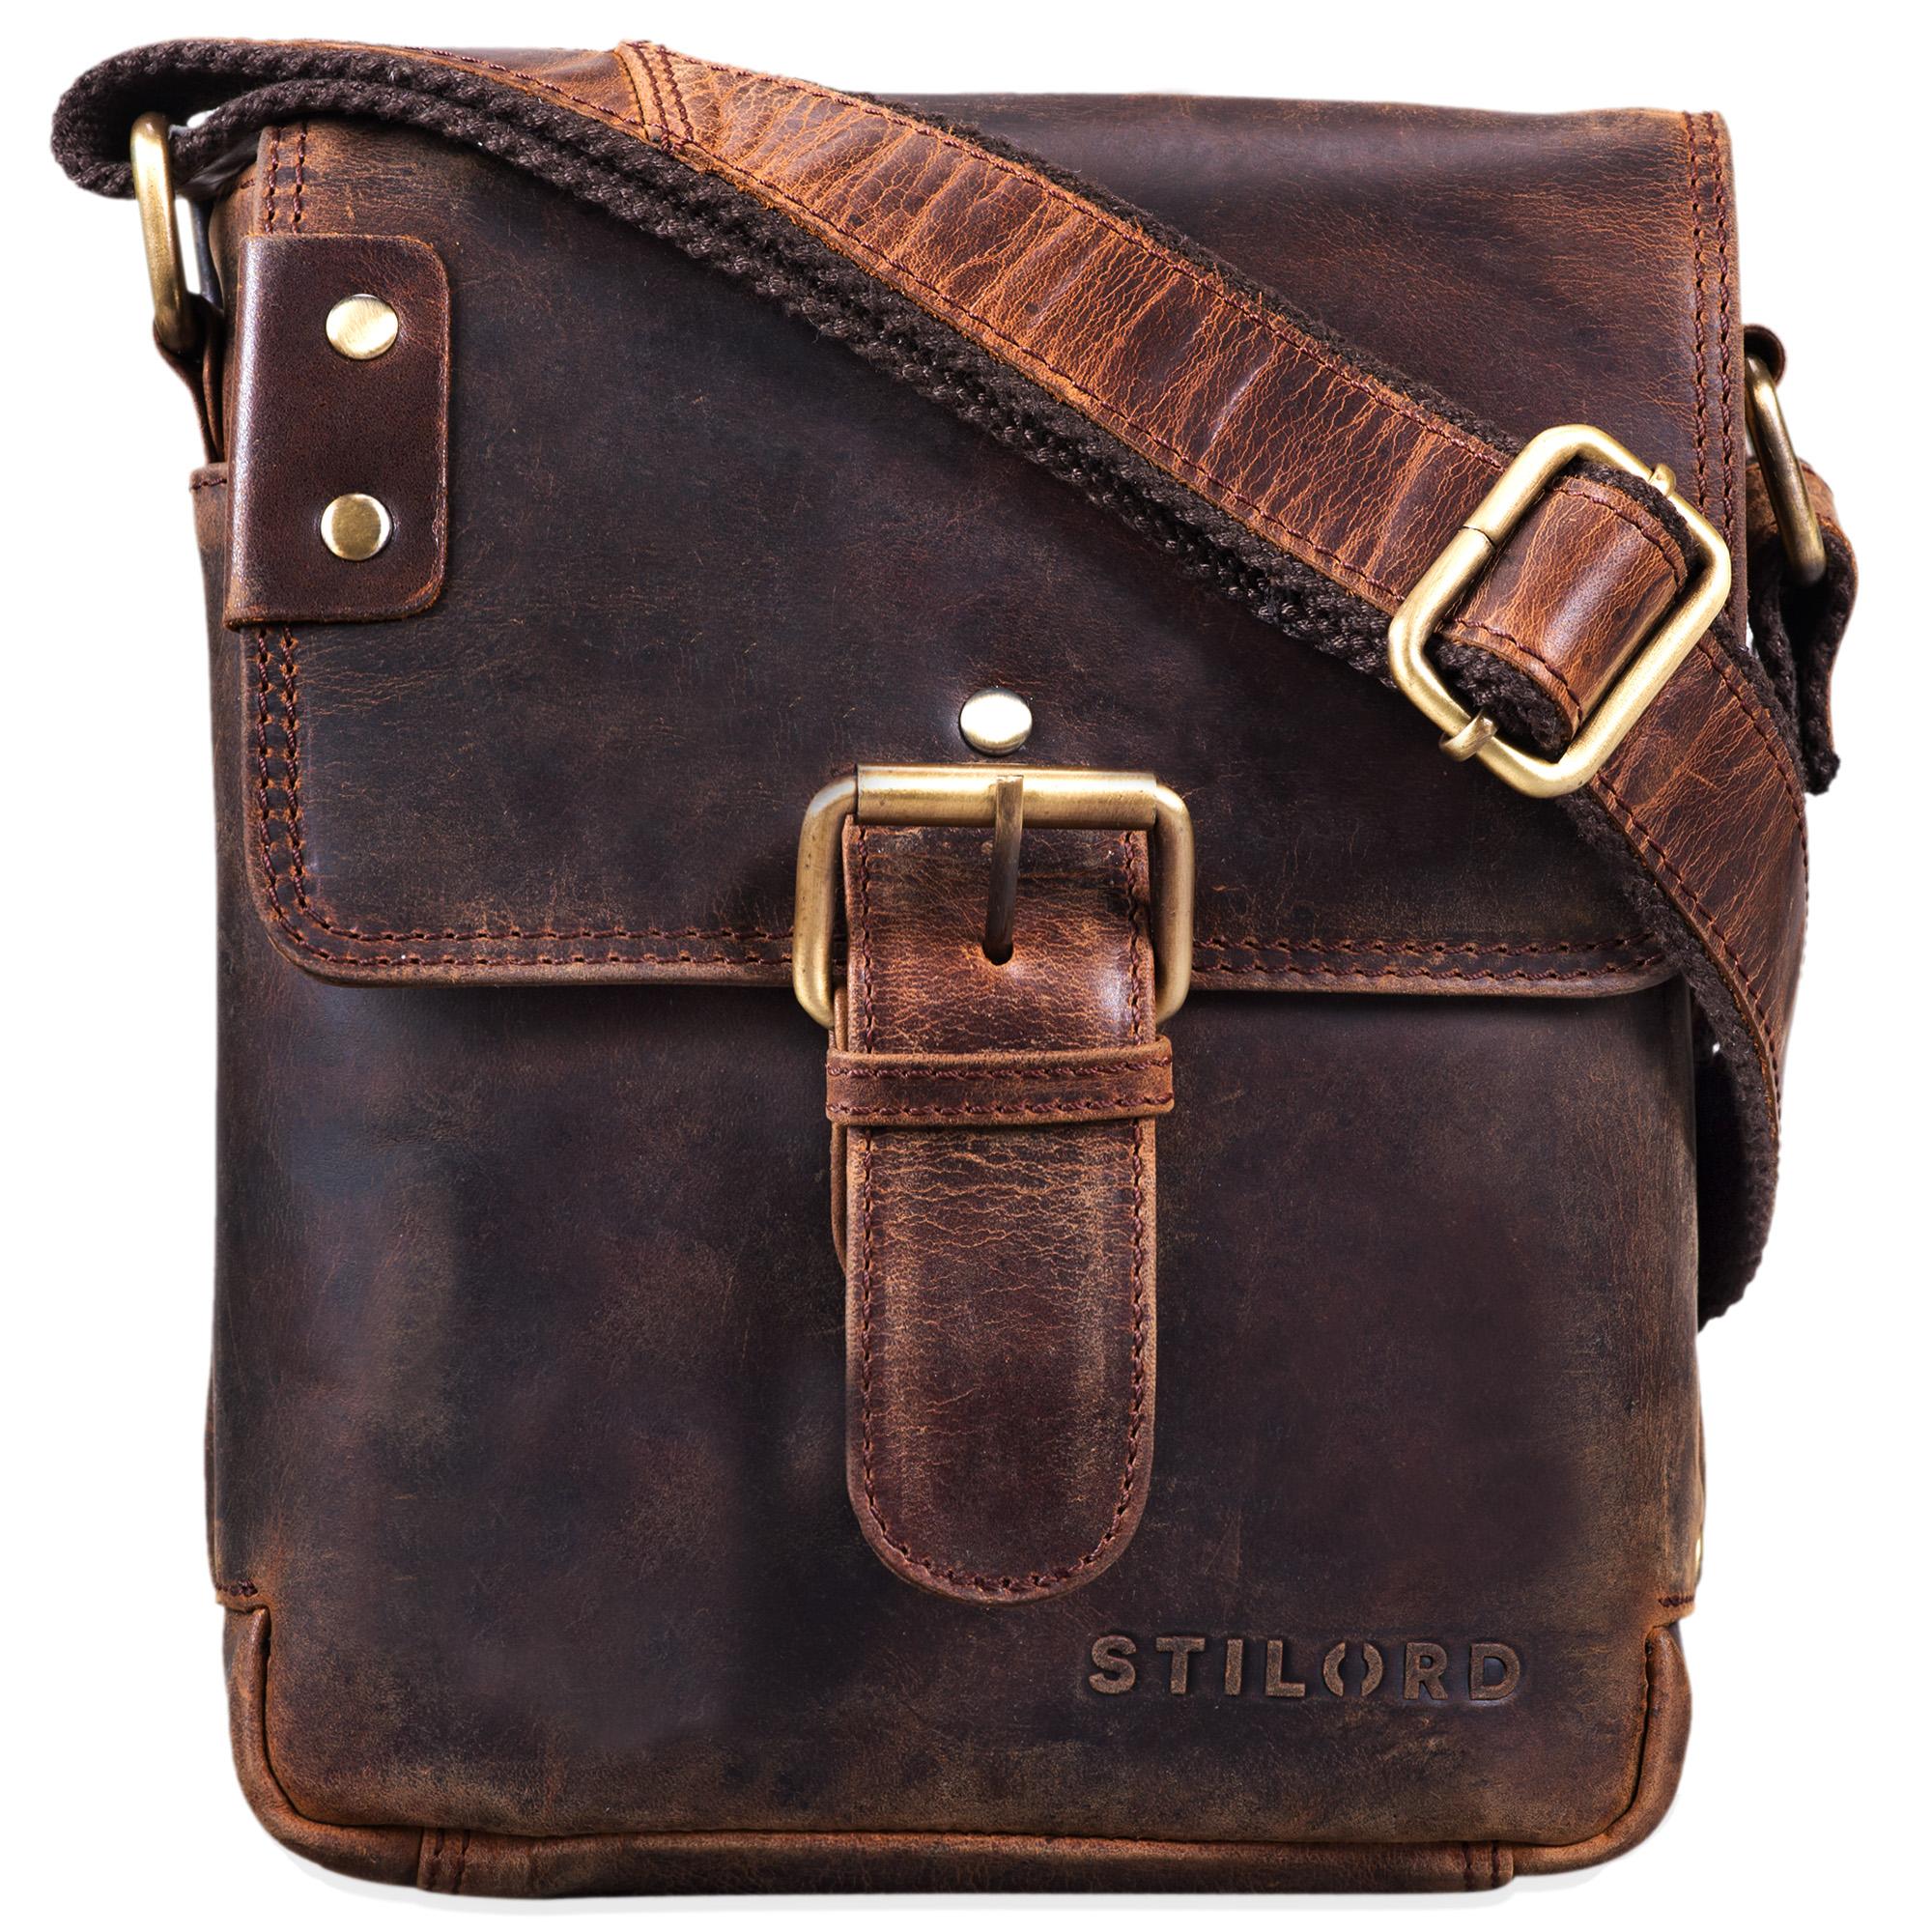 """STILORD """"Alessio"""" Leder Messenger Bag Männer klein Vintage Umhängetasche Herrentasche Tablettasche Schultertasche aus echtem Leder - Bild 3"""